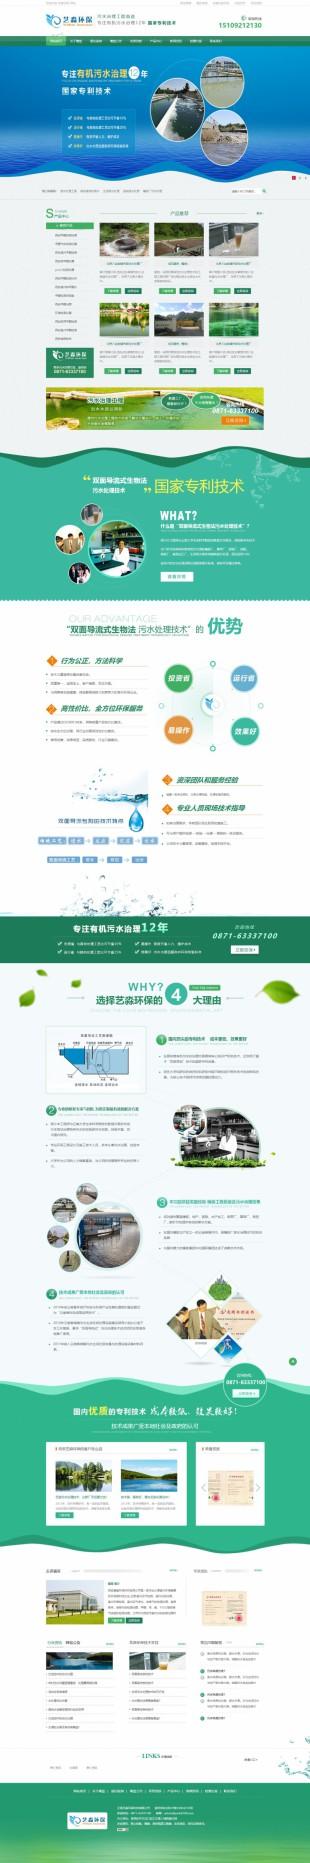 污水环保处理首页网站建设模板电脑图片